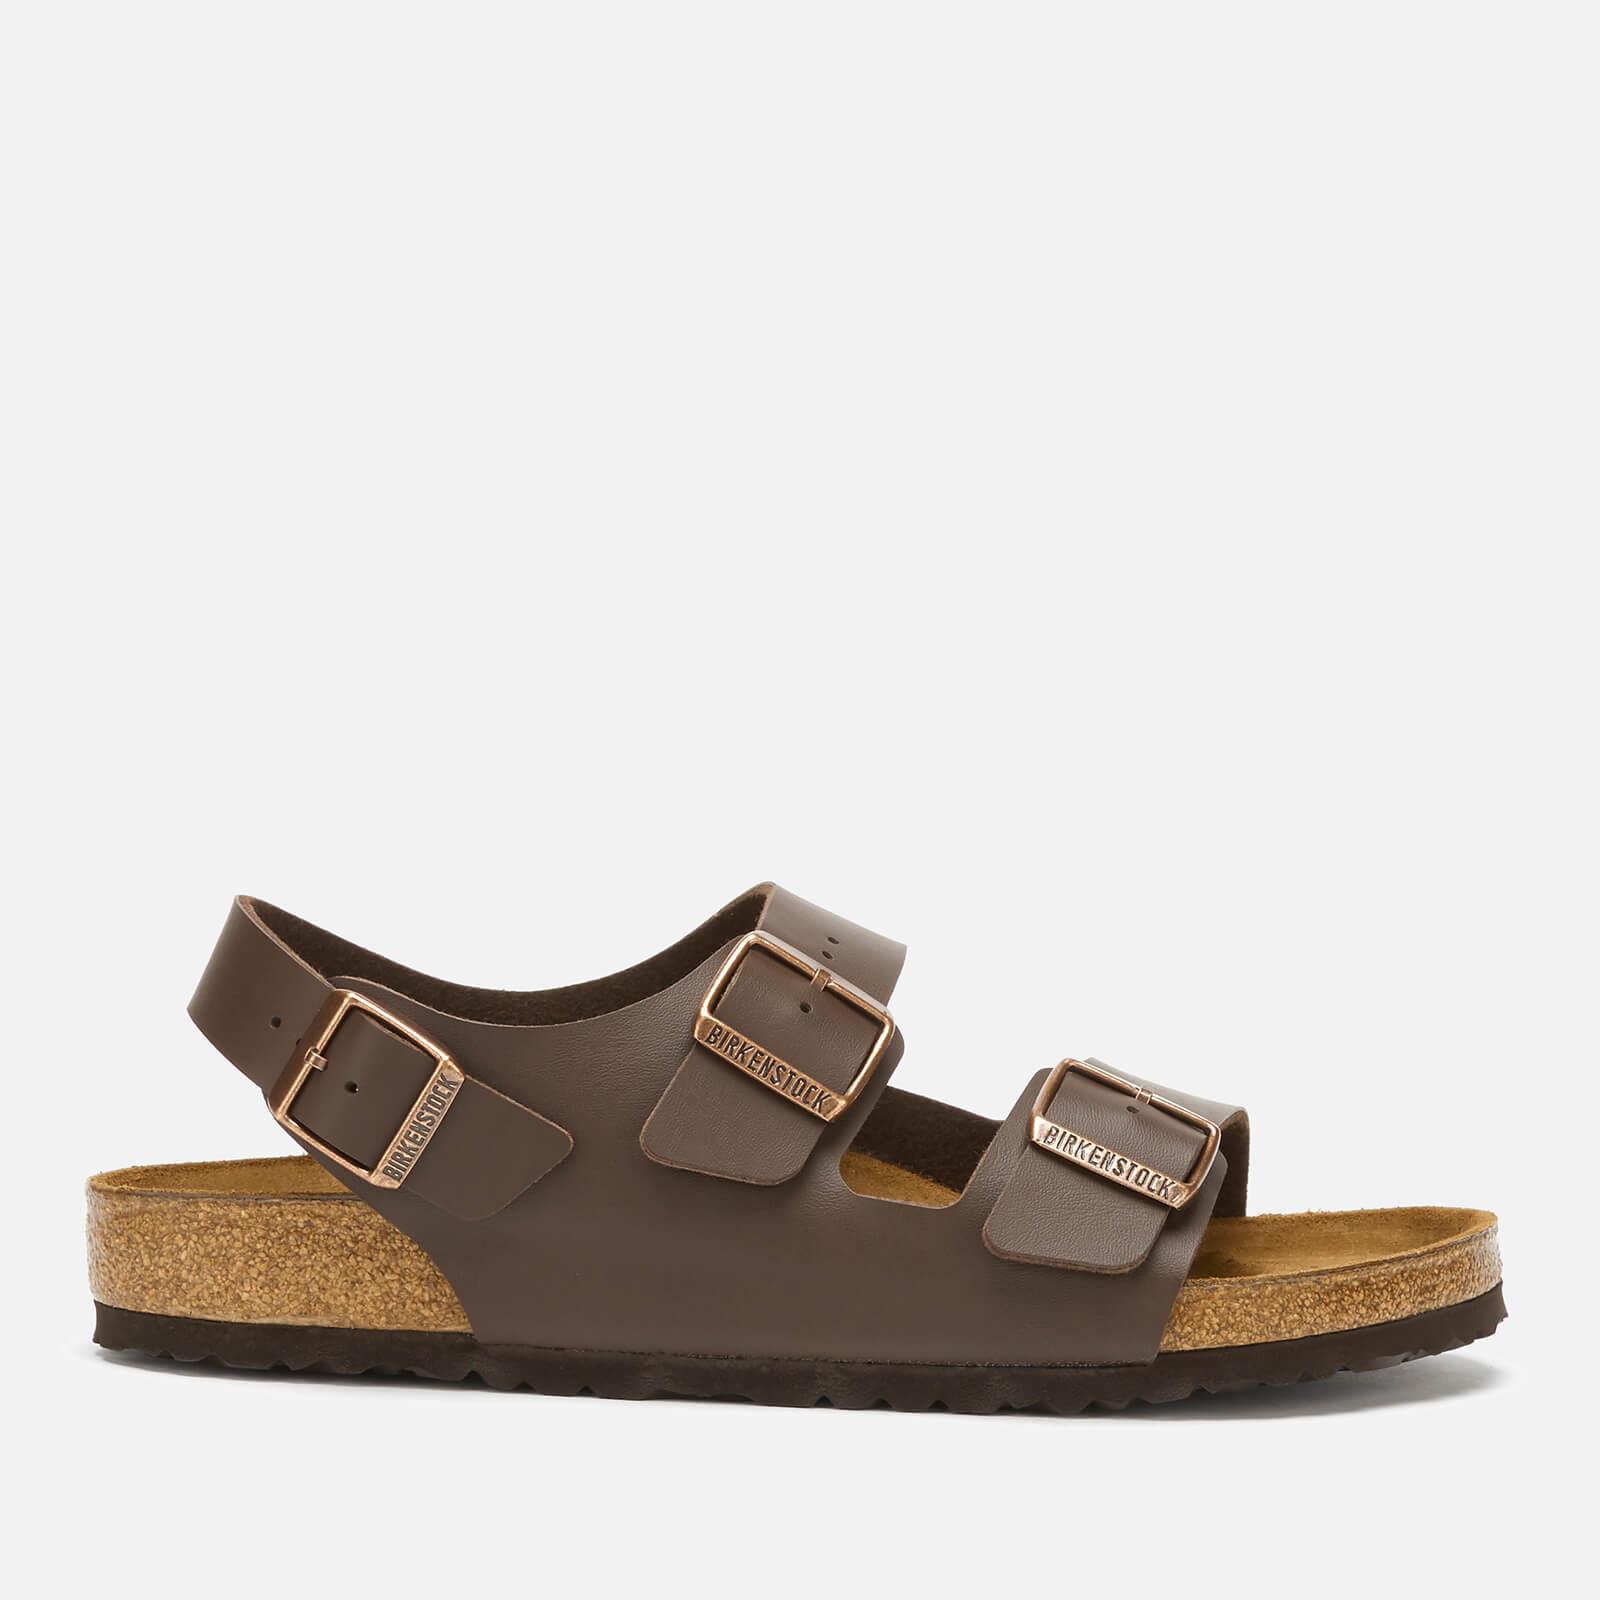 Birkenstock Men's Milano Double Strap Sandals - Dark Brown - EU 43/UK 9